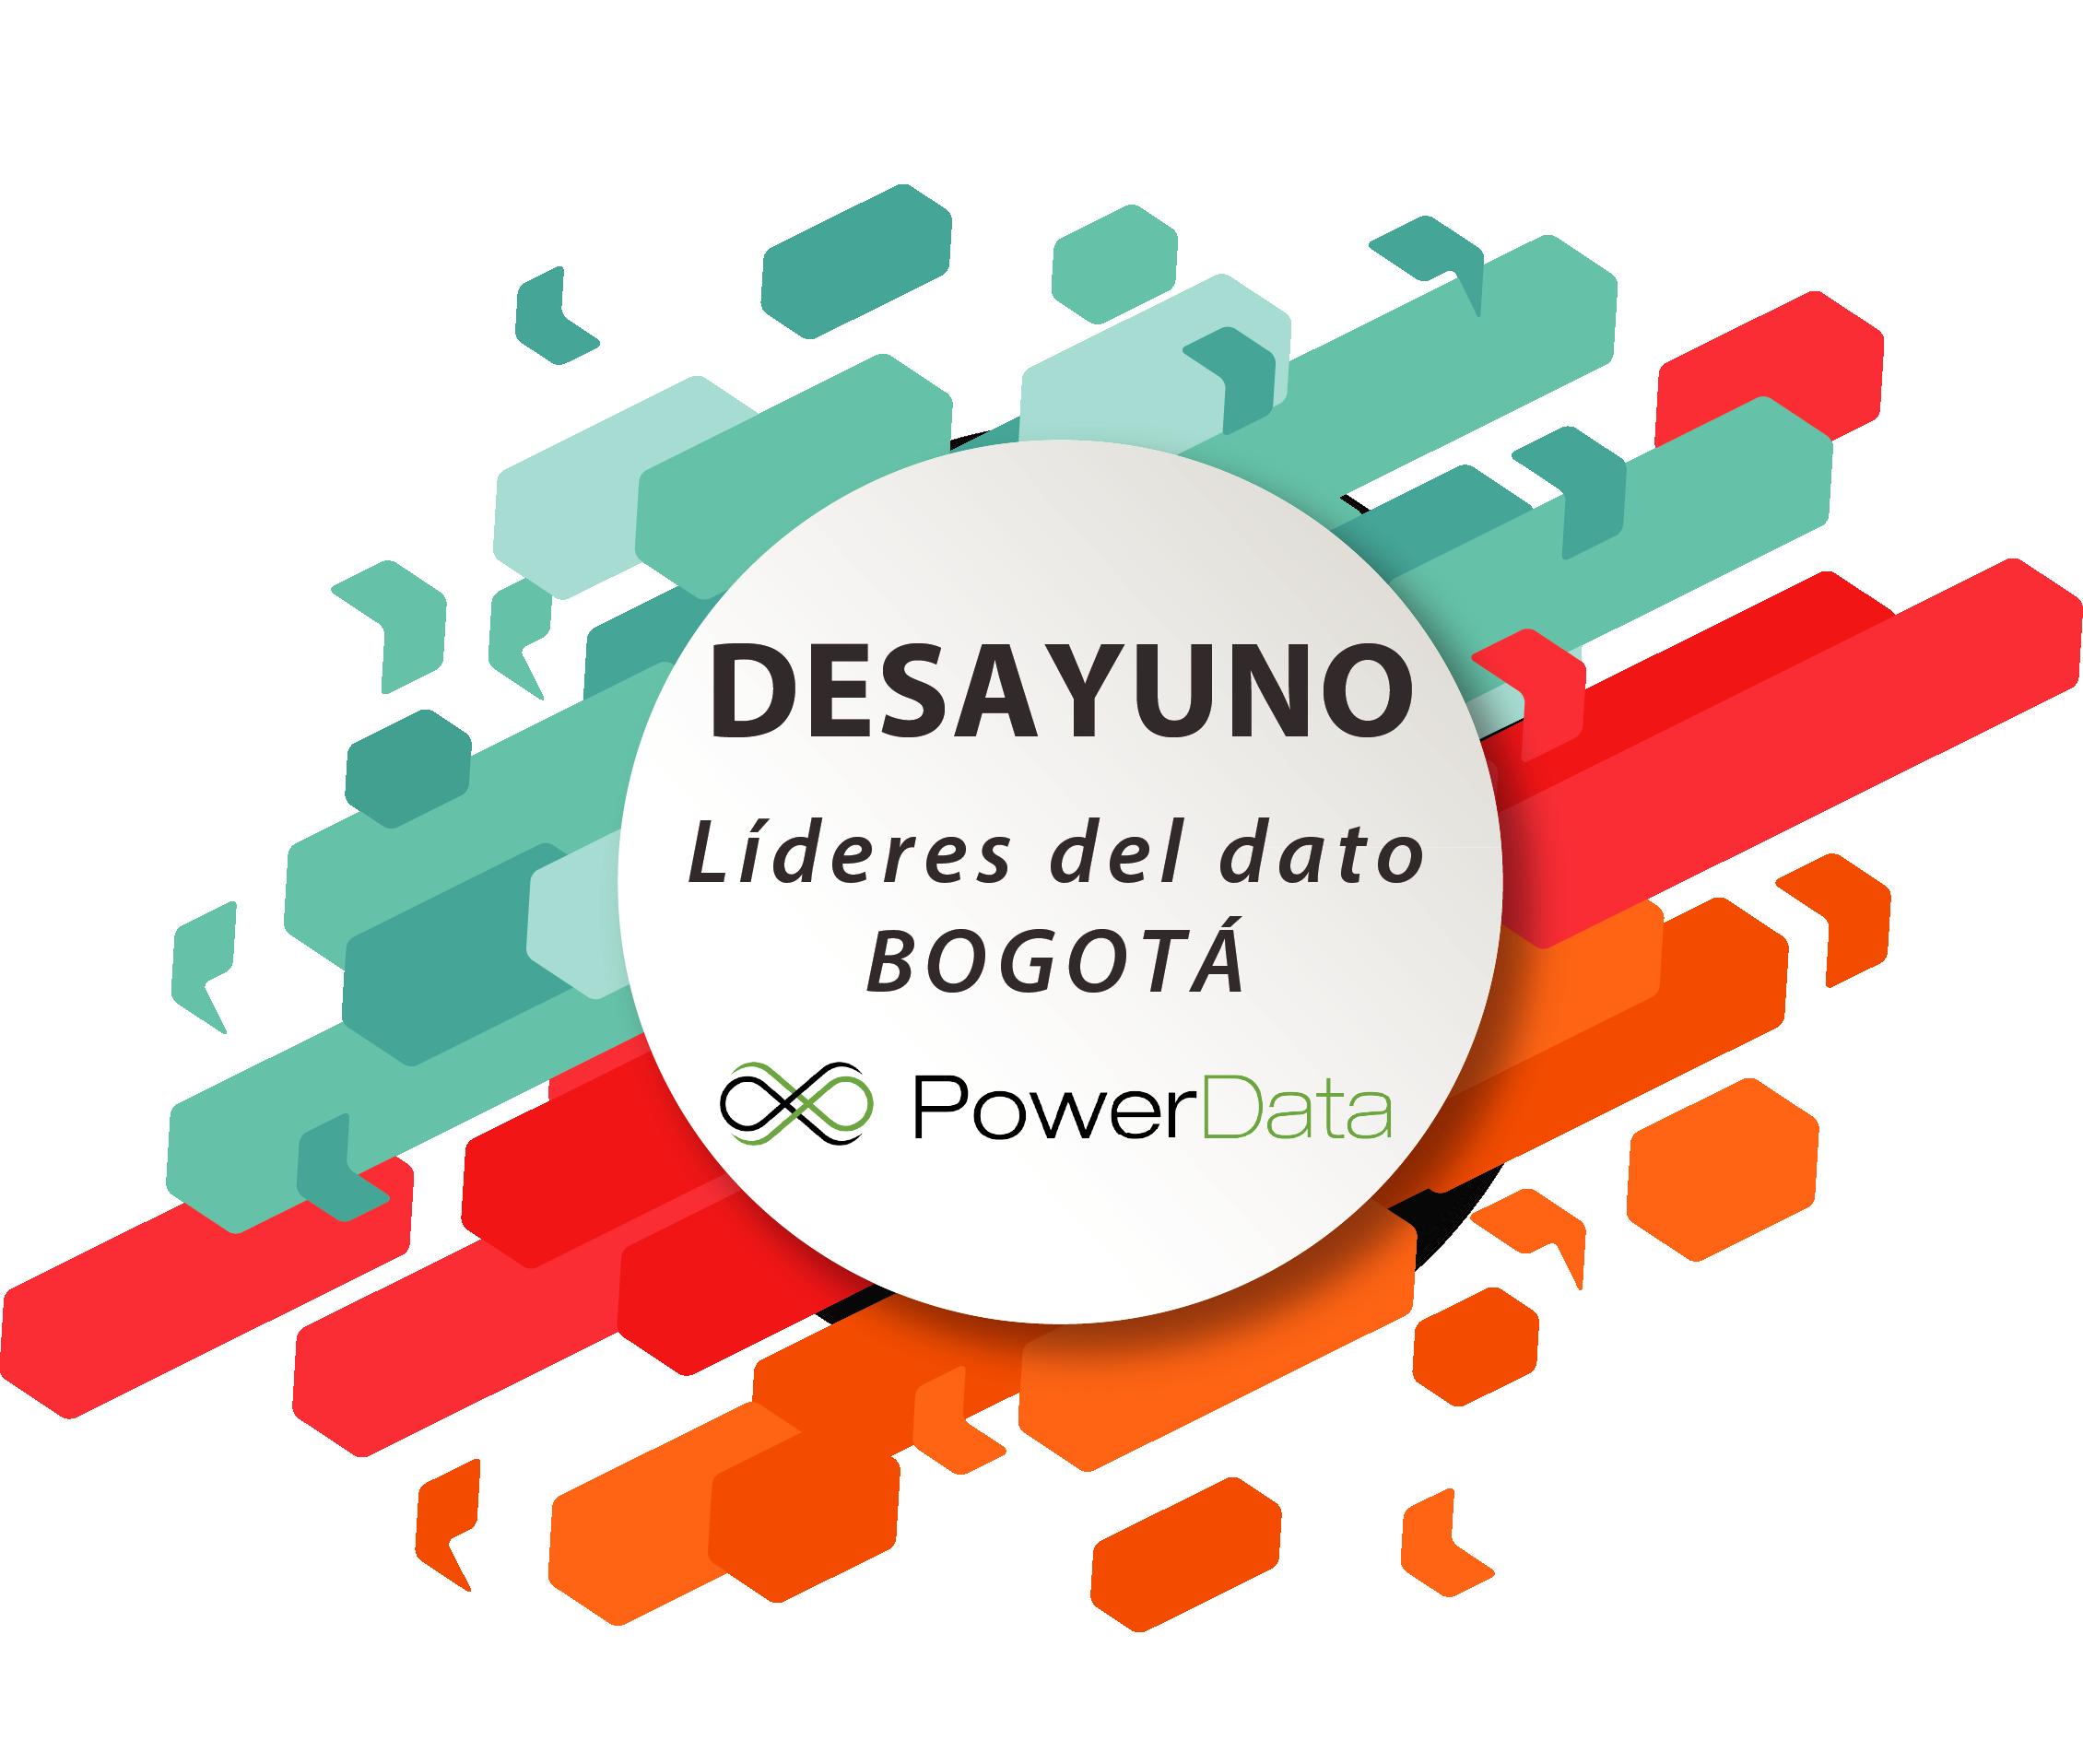 PowerData convoca a los líderes del Dato en Bogotá. Desayuno de CDOs